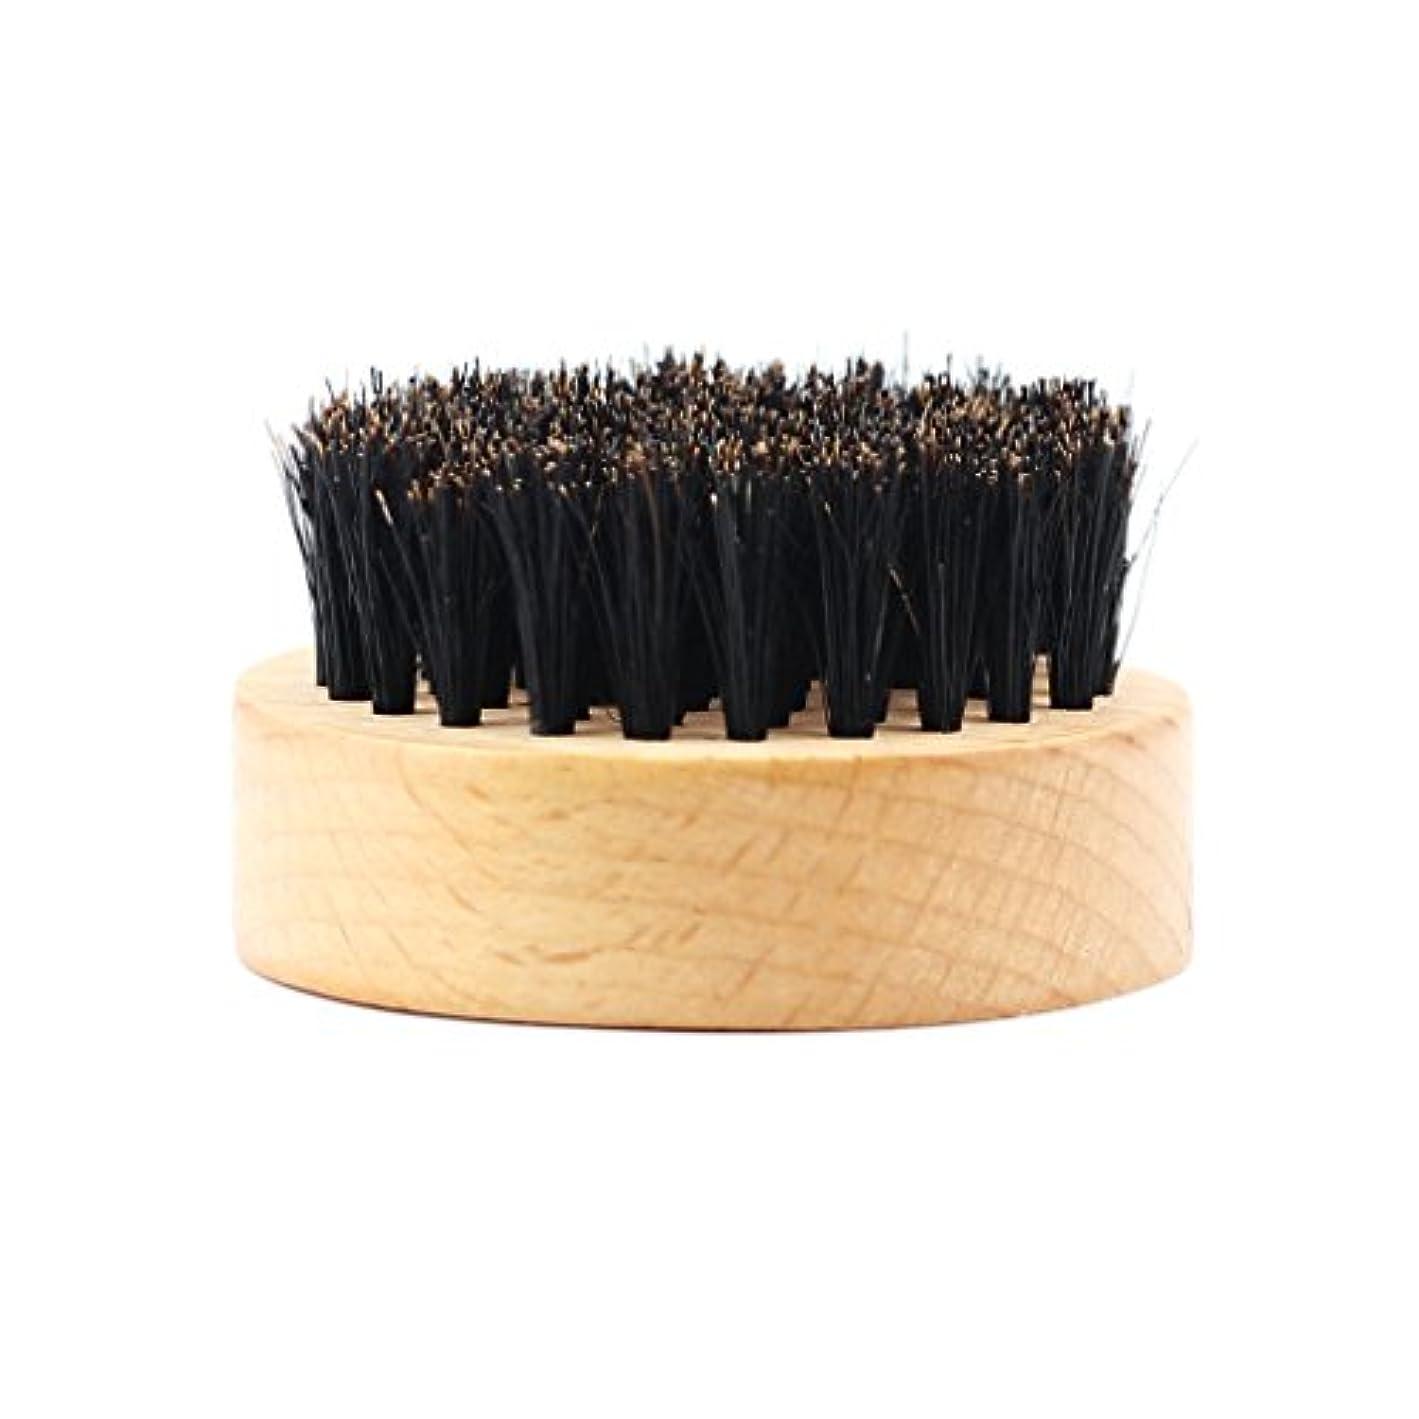 ナビゲーション説教法的Homyl 髭ブラシ 男性 ひげ剃り 天然木ハンドル ひげそり グルーミング 2タイプ選べる - #2